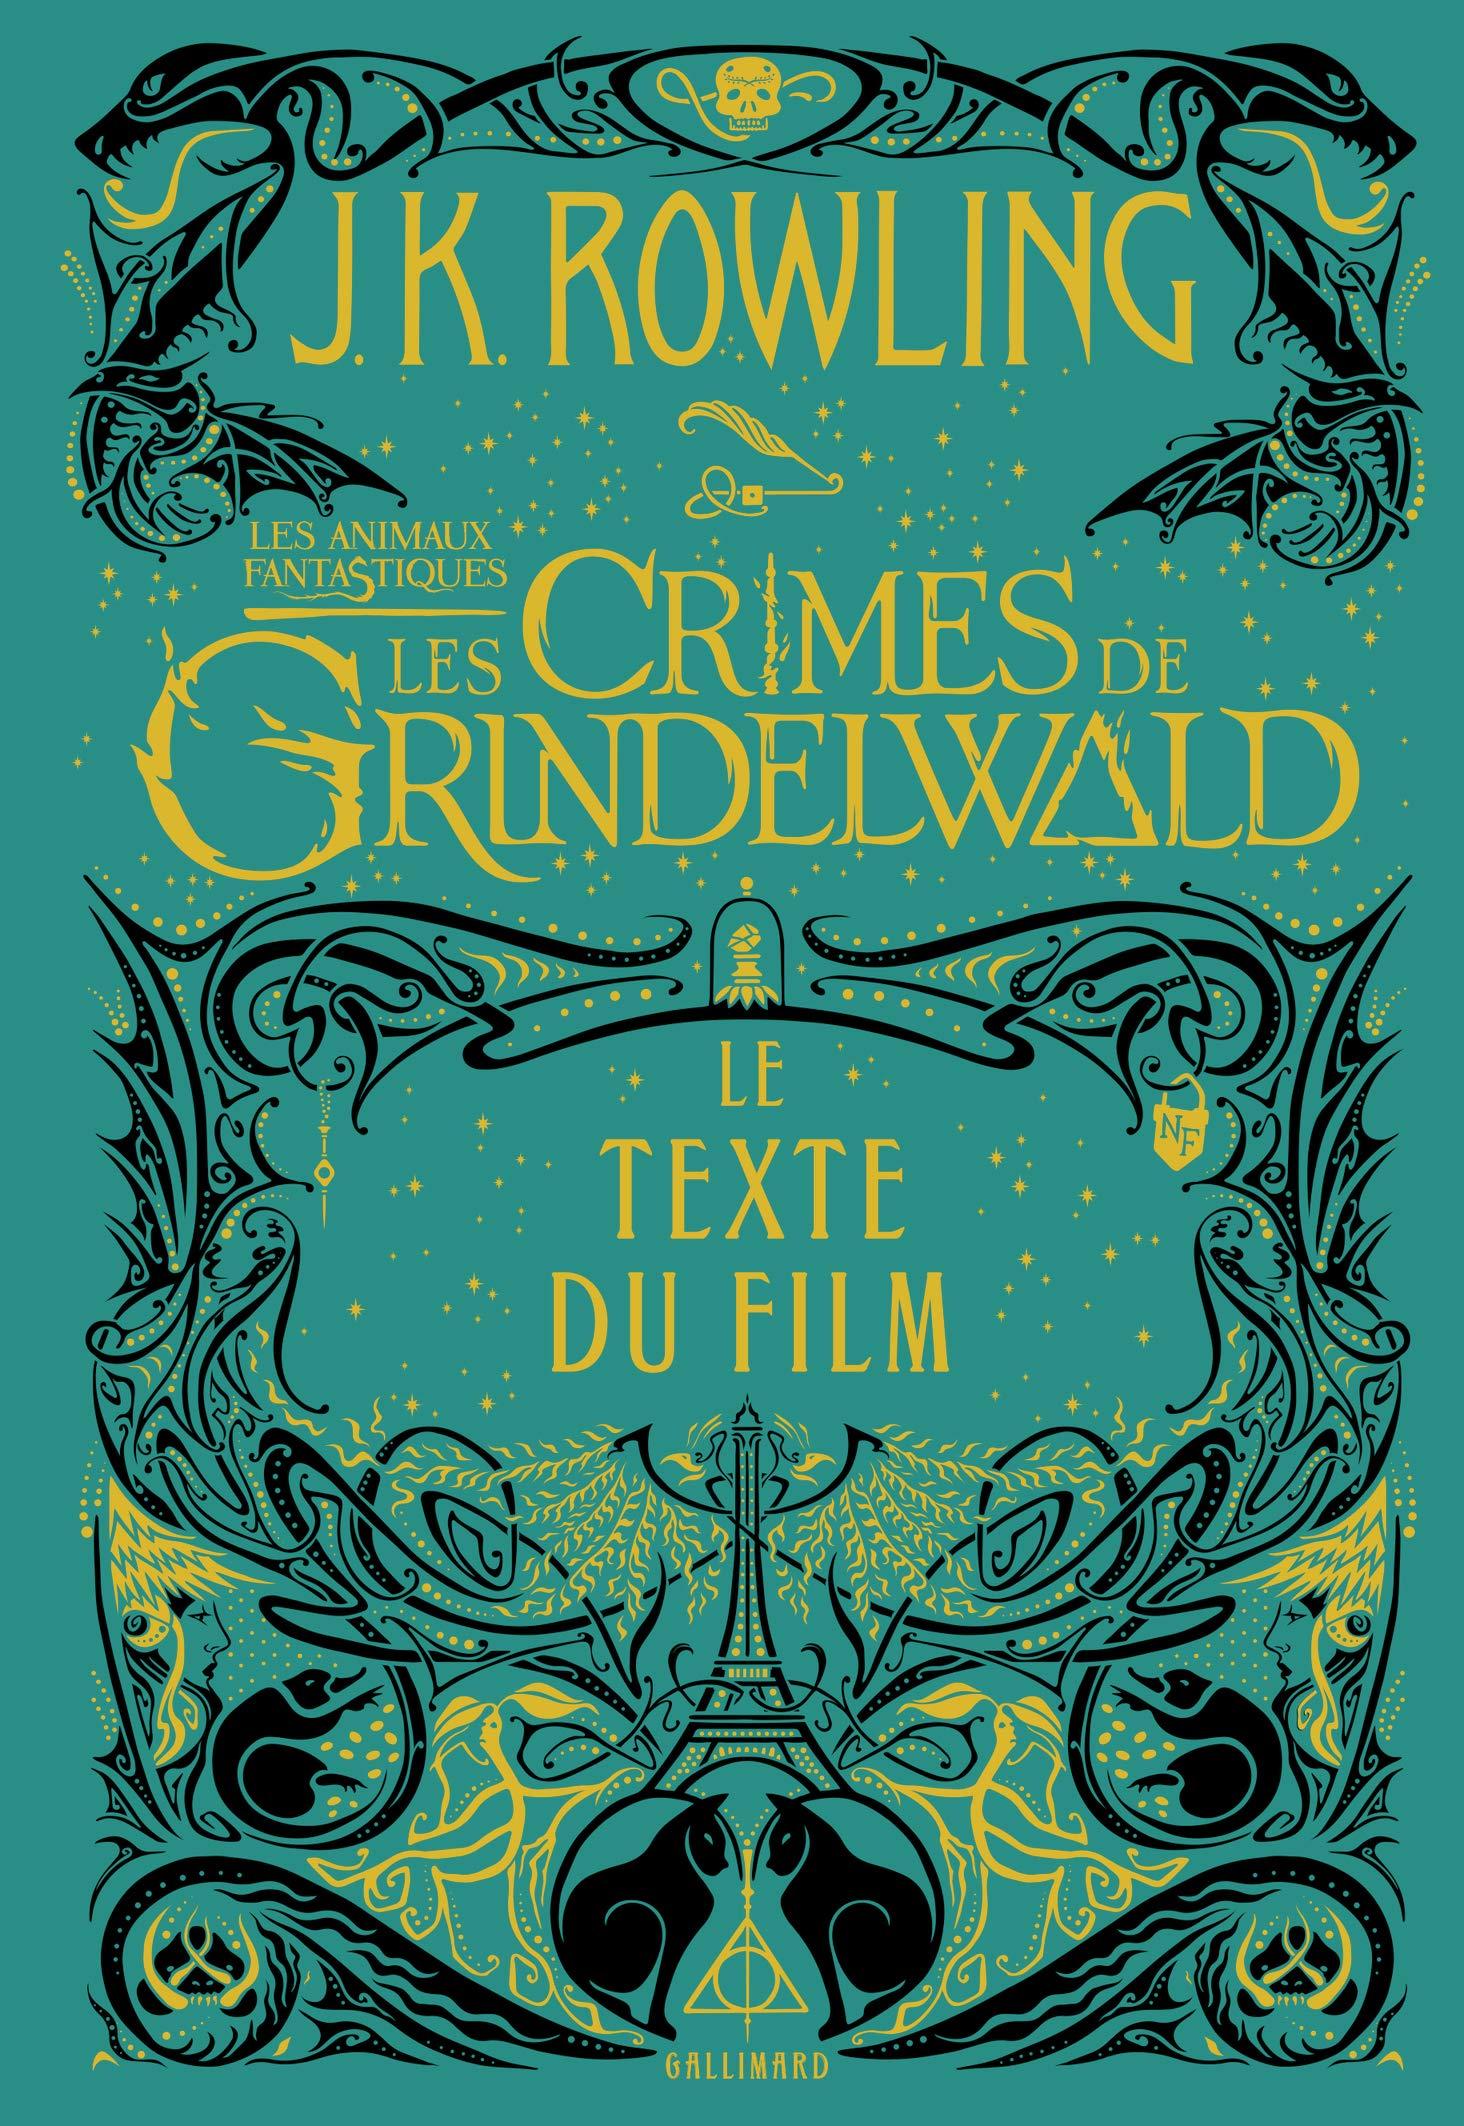 Les animaux fantastiques, 2:Les Crimes de Grindelwald: Le texte du film (Anglais) Broché – 15 novembre 2018 J. K. Rowling Gallimard Jeunesse 2075110700 Fiction Jeunesse